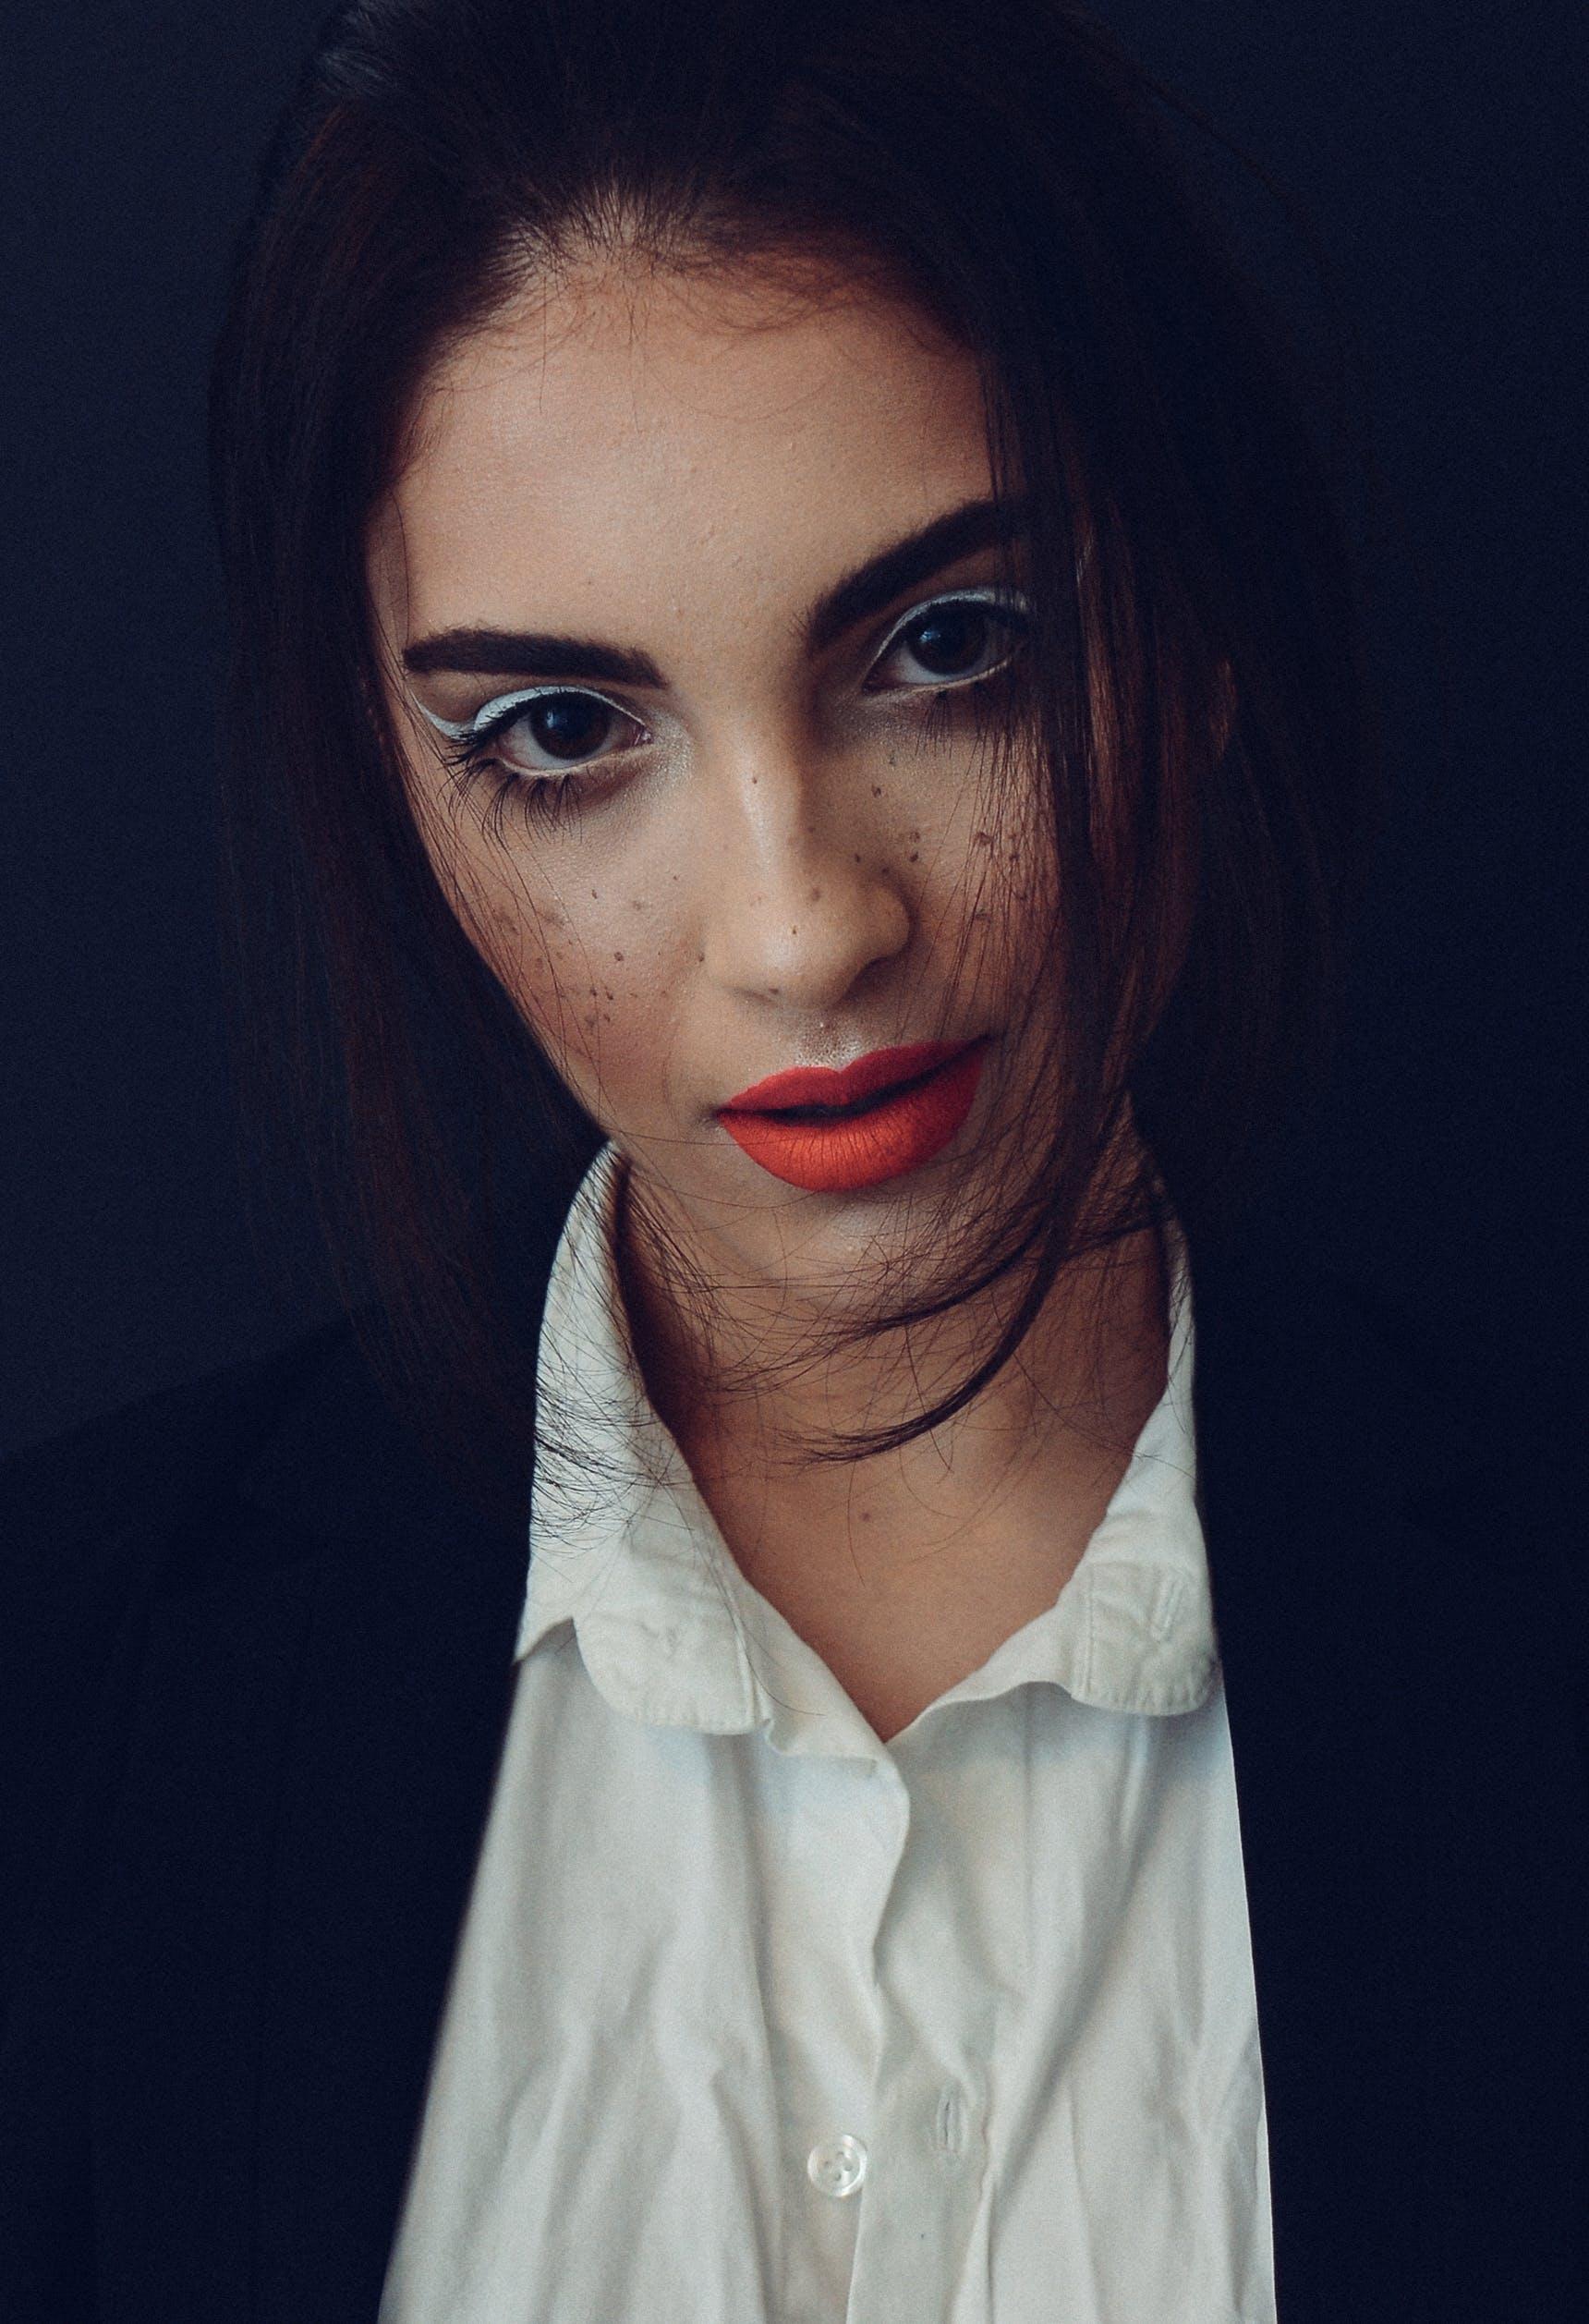 Gratis stockfoto met aantrekkelijk mooi, beuaty, close-up, cosmetica